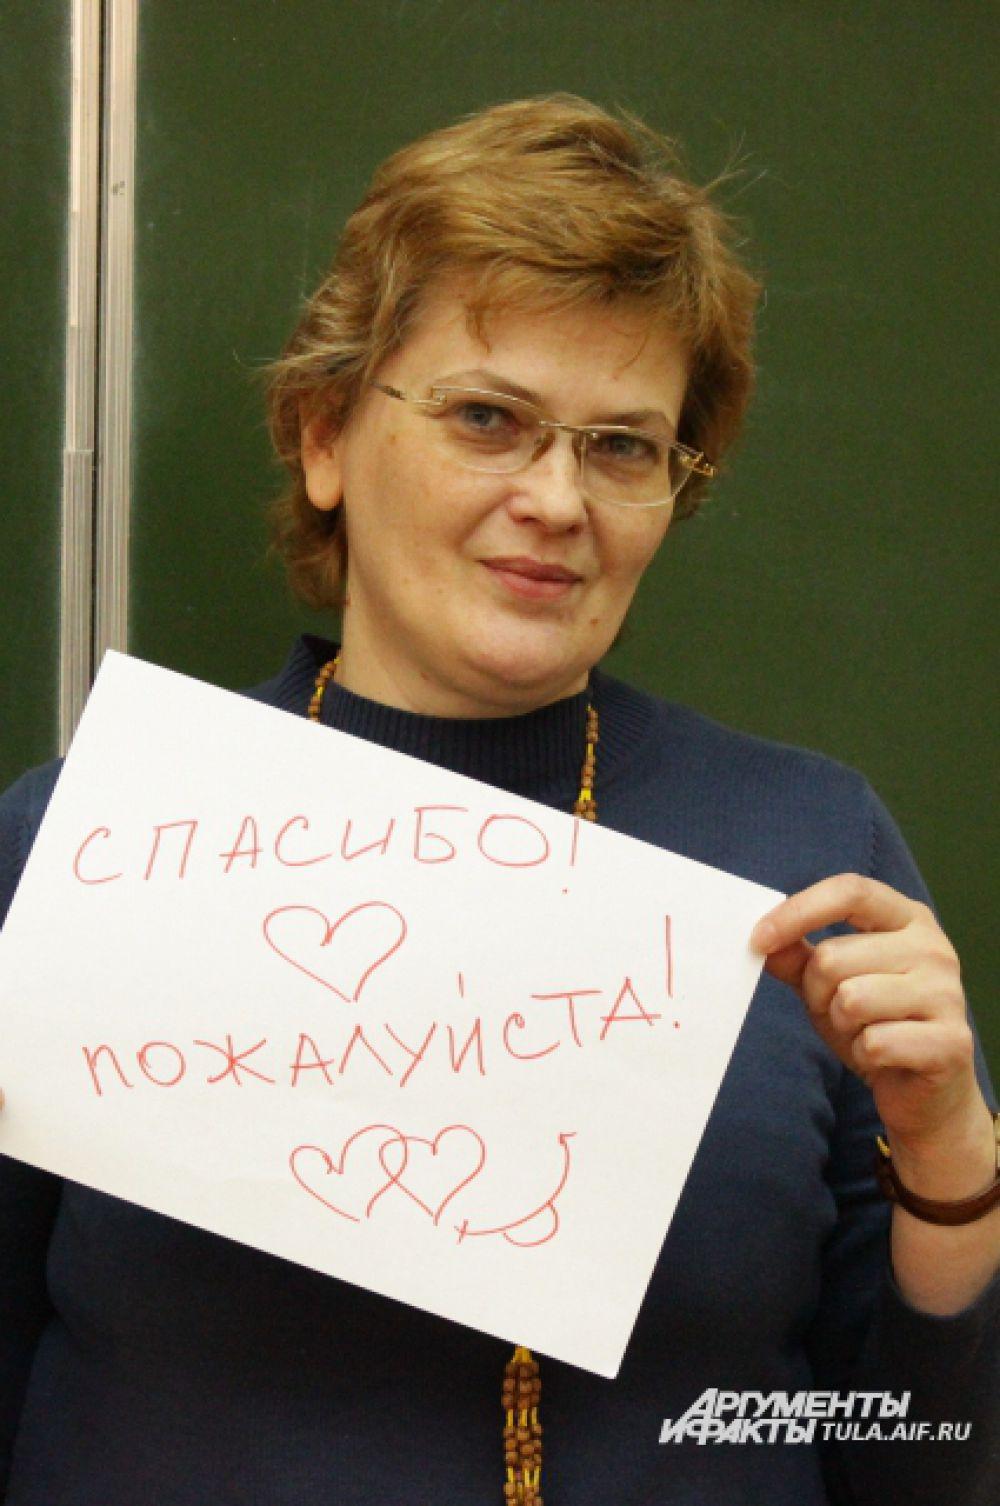 Организатор Юлия Иванова.